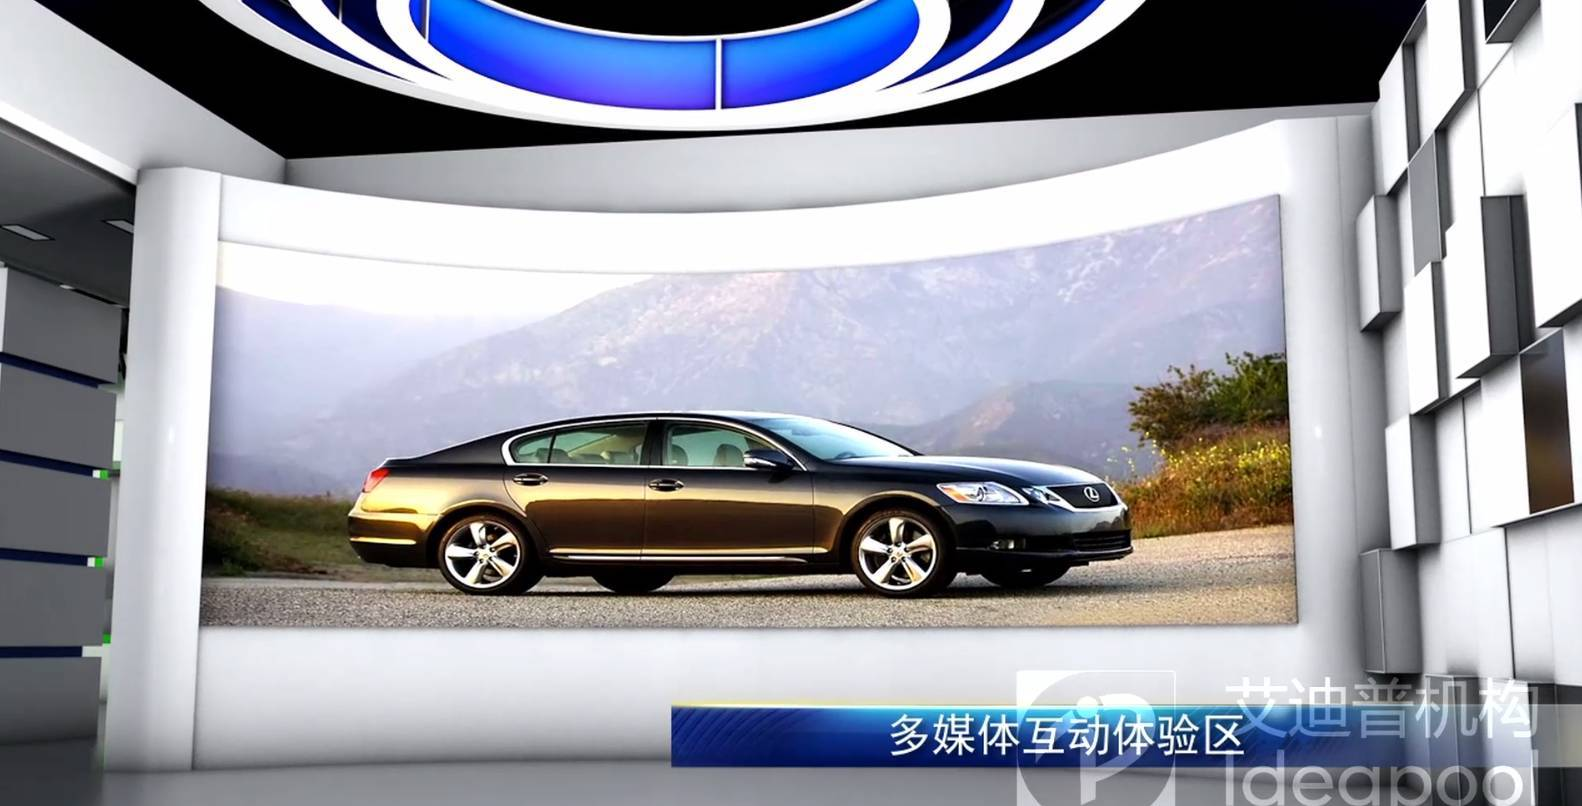 池州网络预约出租汽车驾驶员考试今日首考,图文直击考试现场